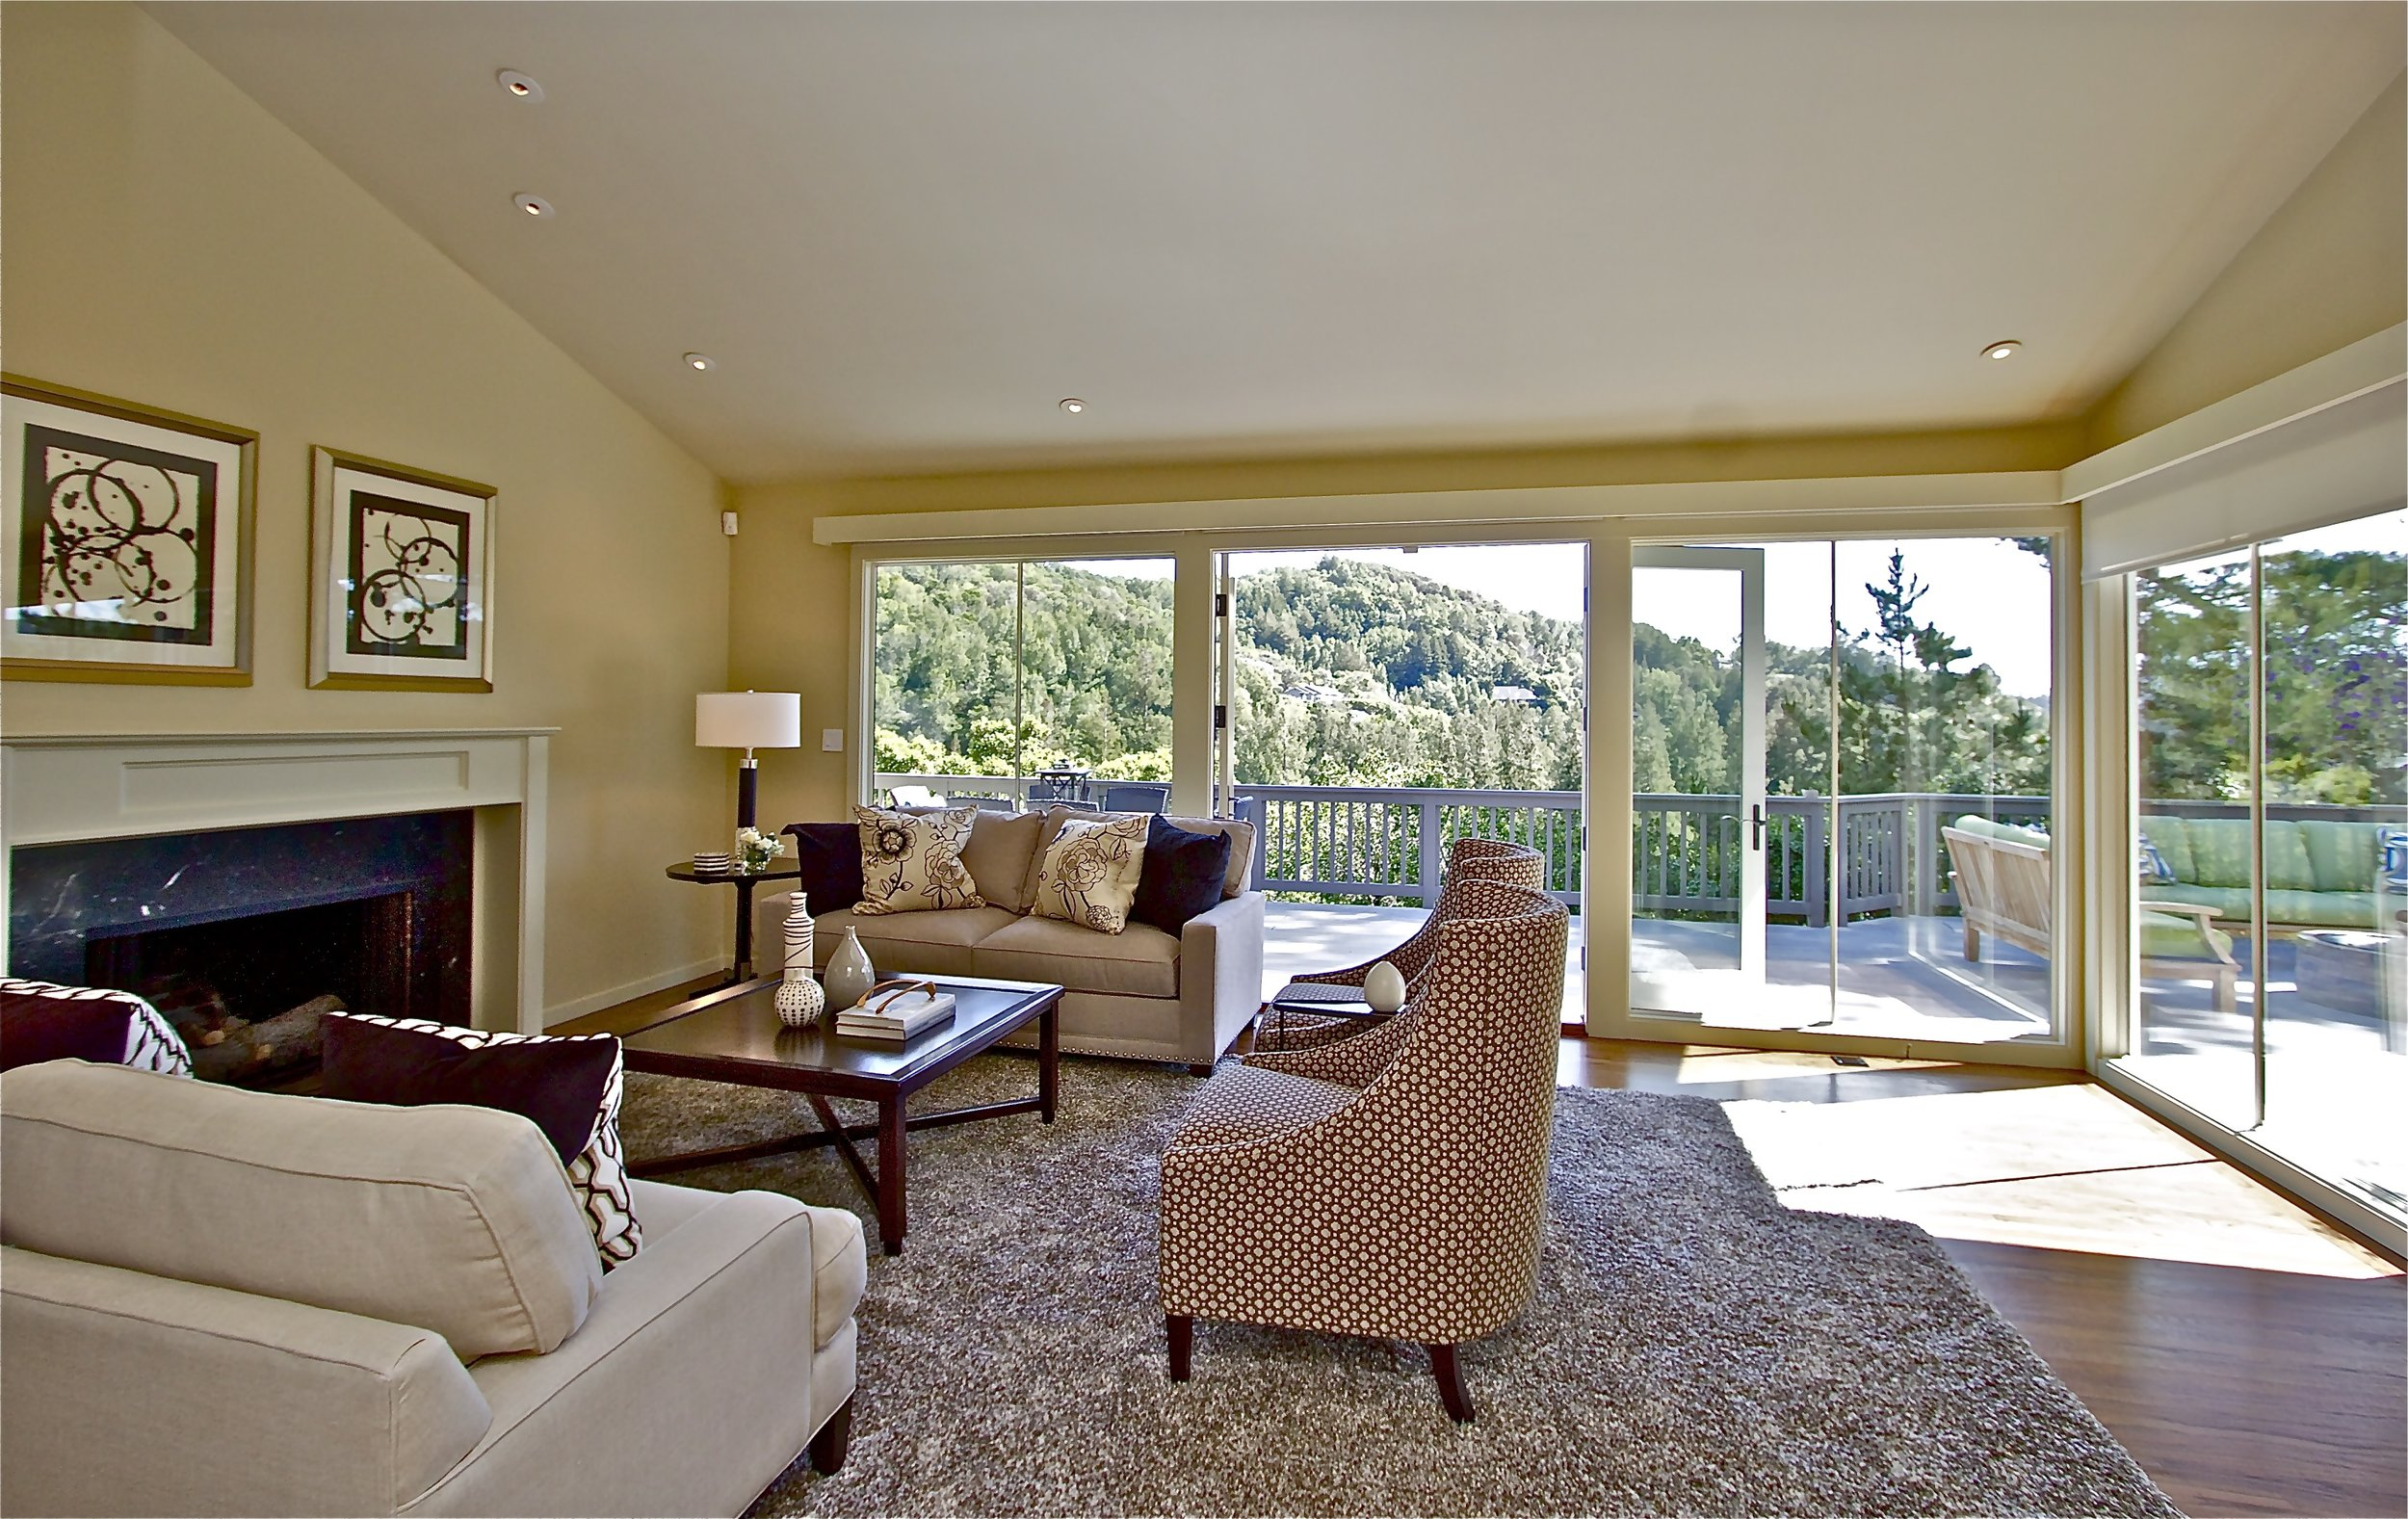 9. Living room 2.jpg